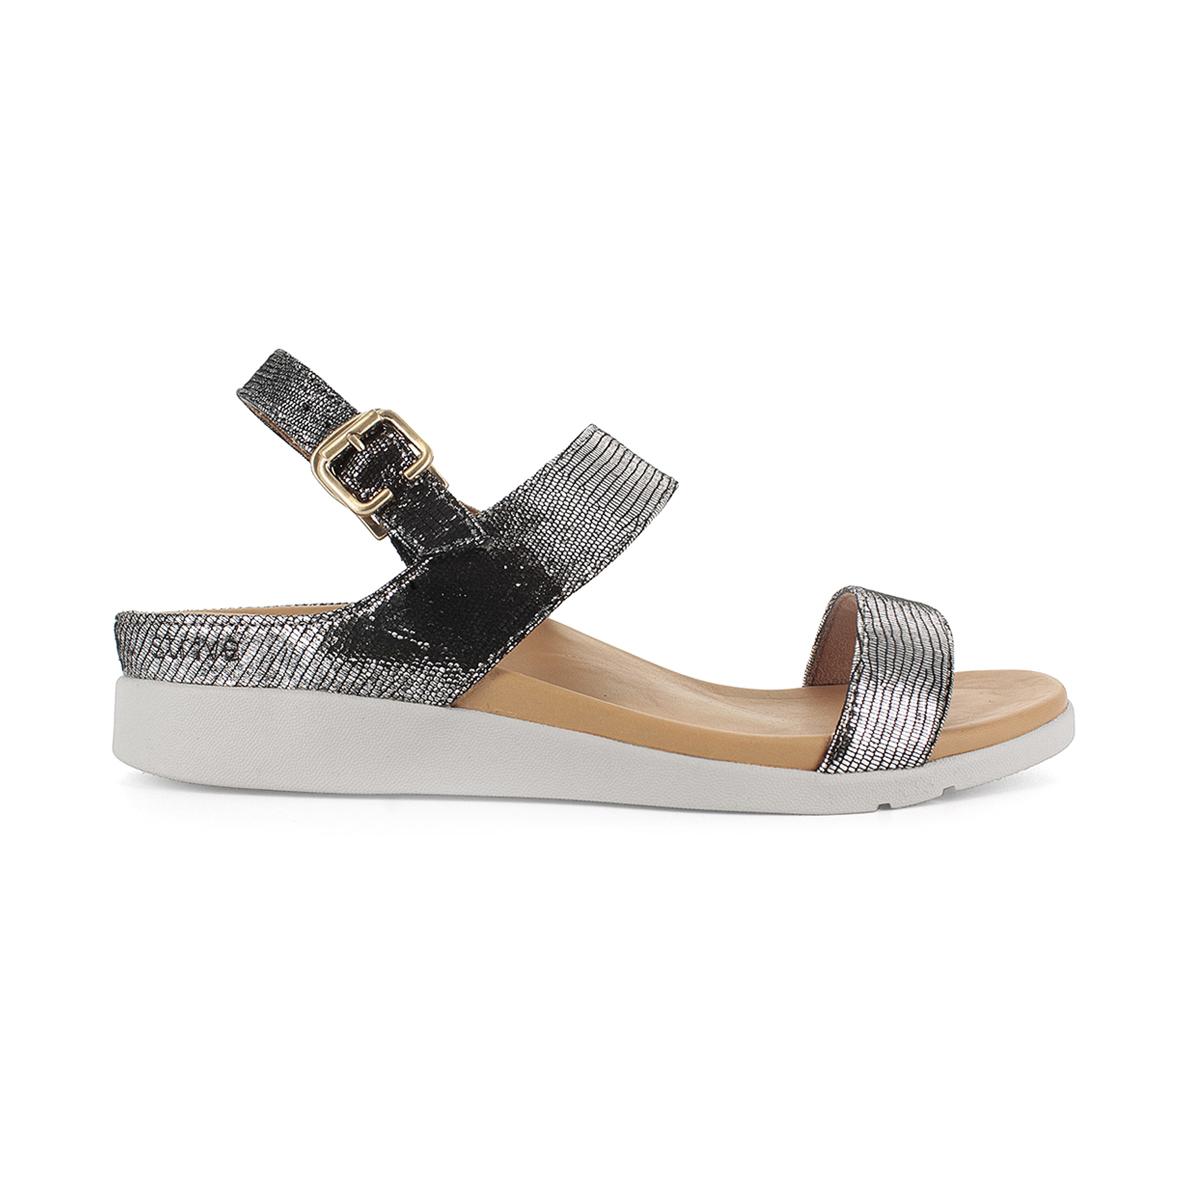 スニーカー感覚で歩き回れる「サンダル」|LUCIA / UK6(25-25.5cm) 独自開発の立体インソールで、スニーカーみたいに歩き回れる「サンダル」|strive